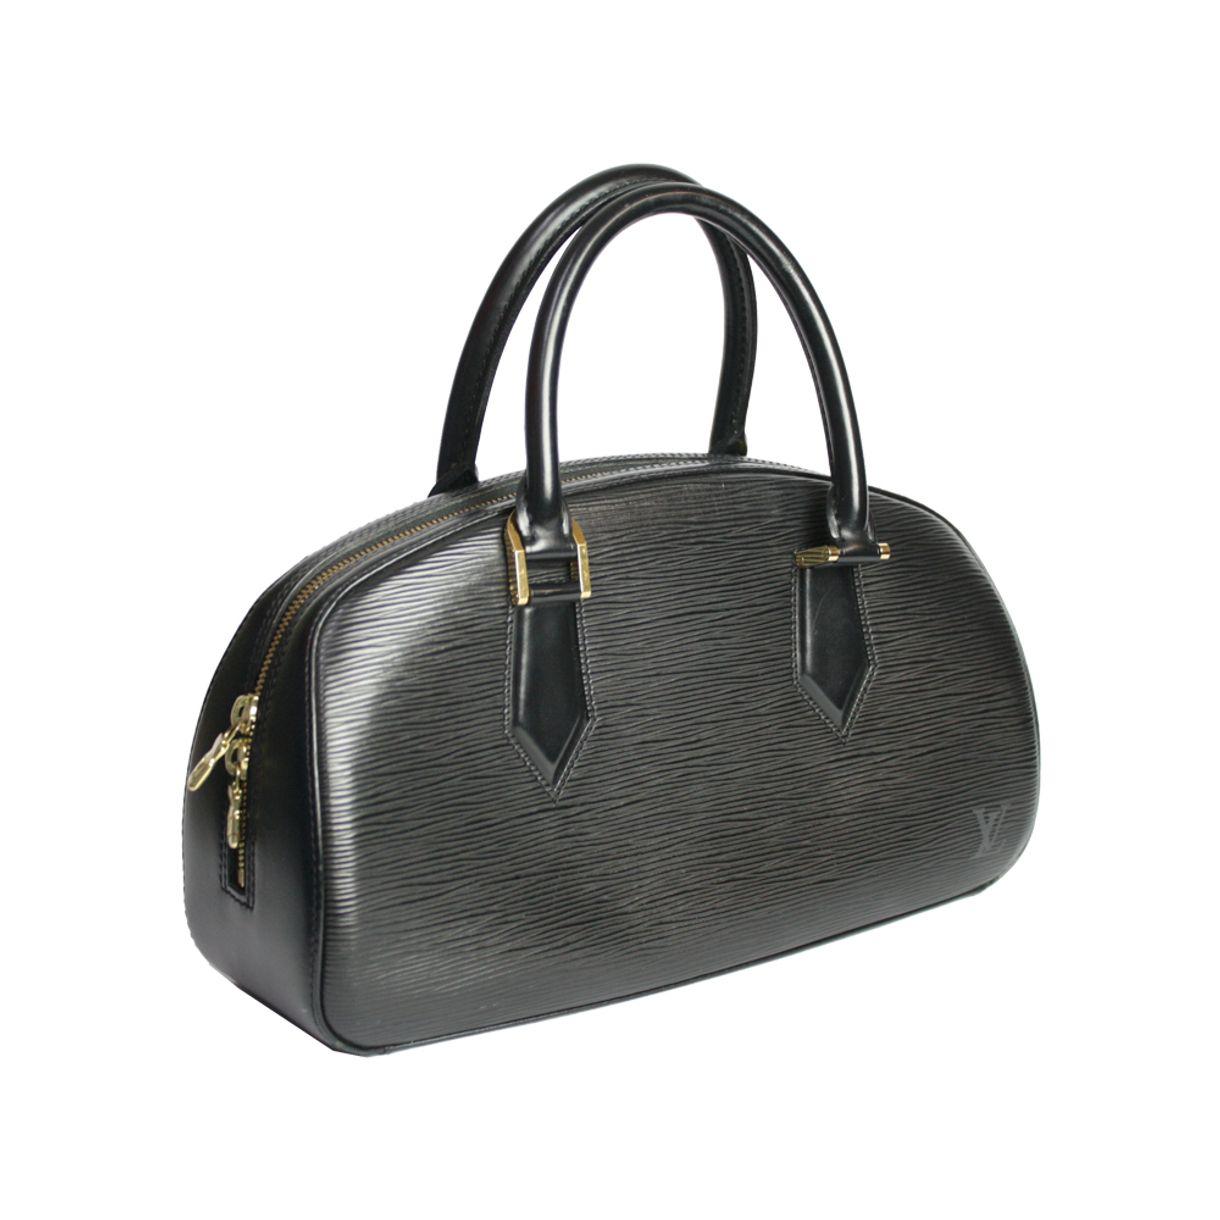 Bolsa-Louis-Vuitton-em-couro-Epi-preto